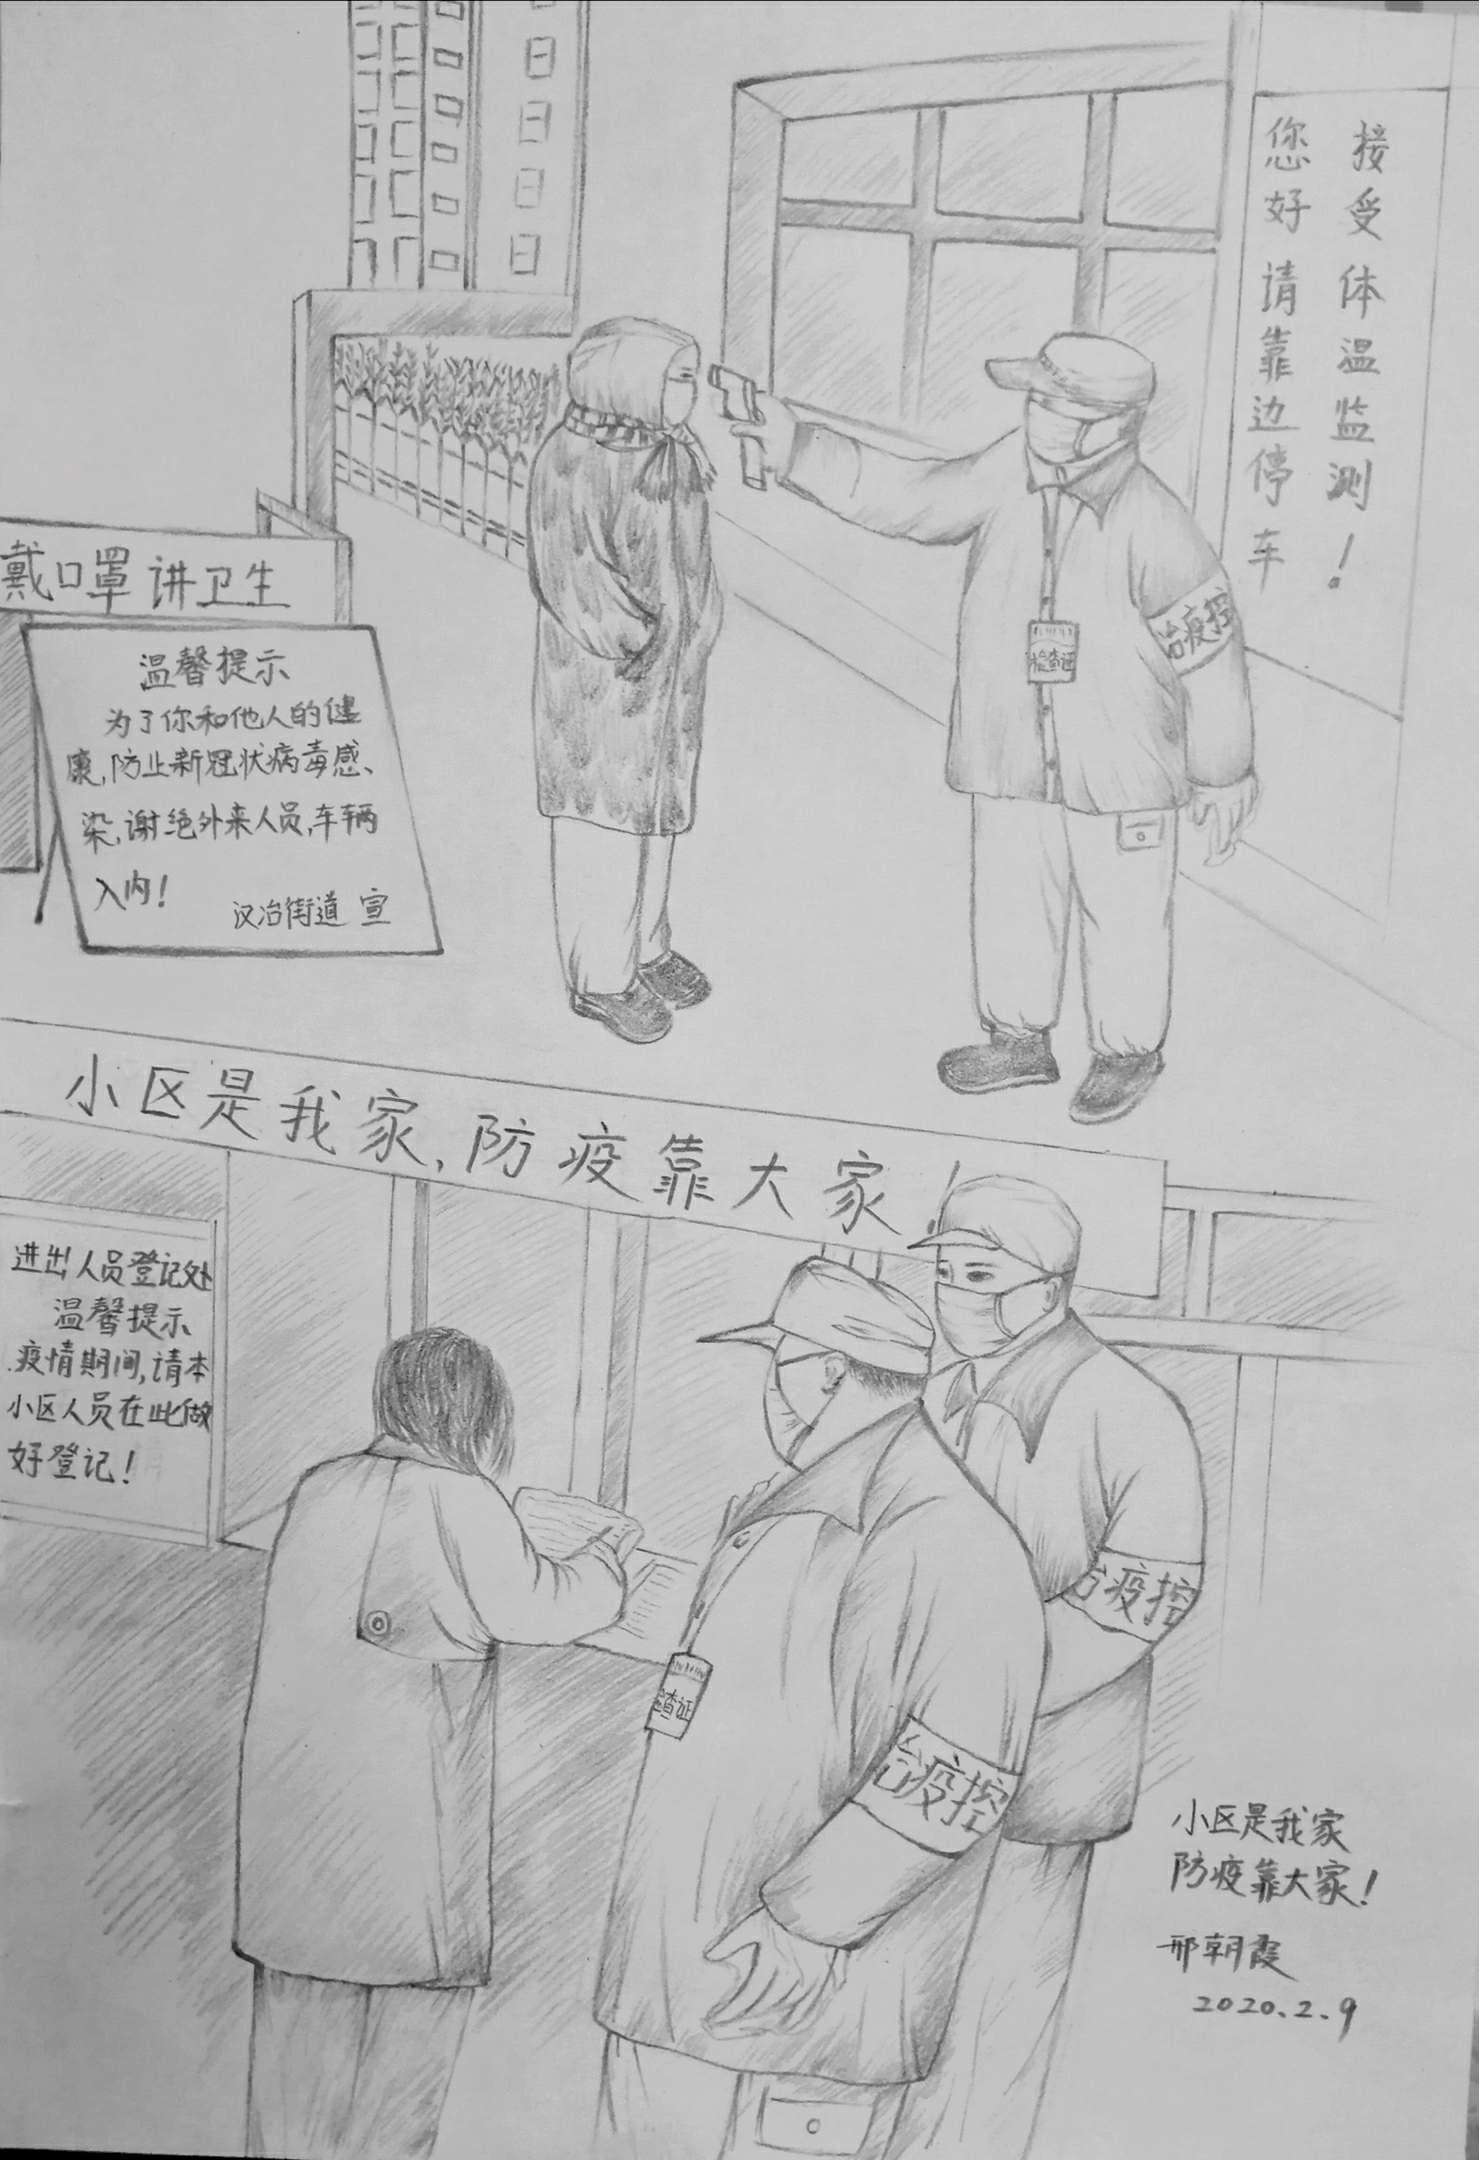 南召县美术家协会南召县书画家